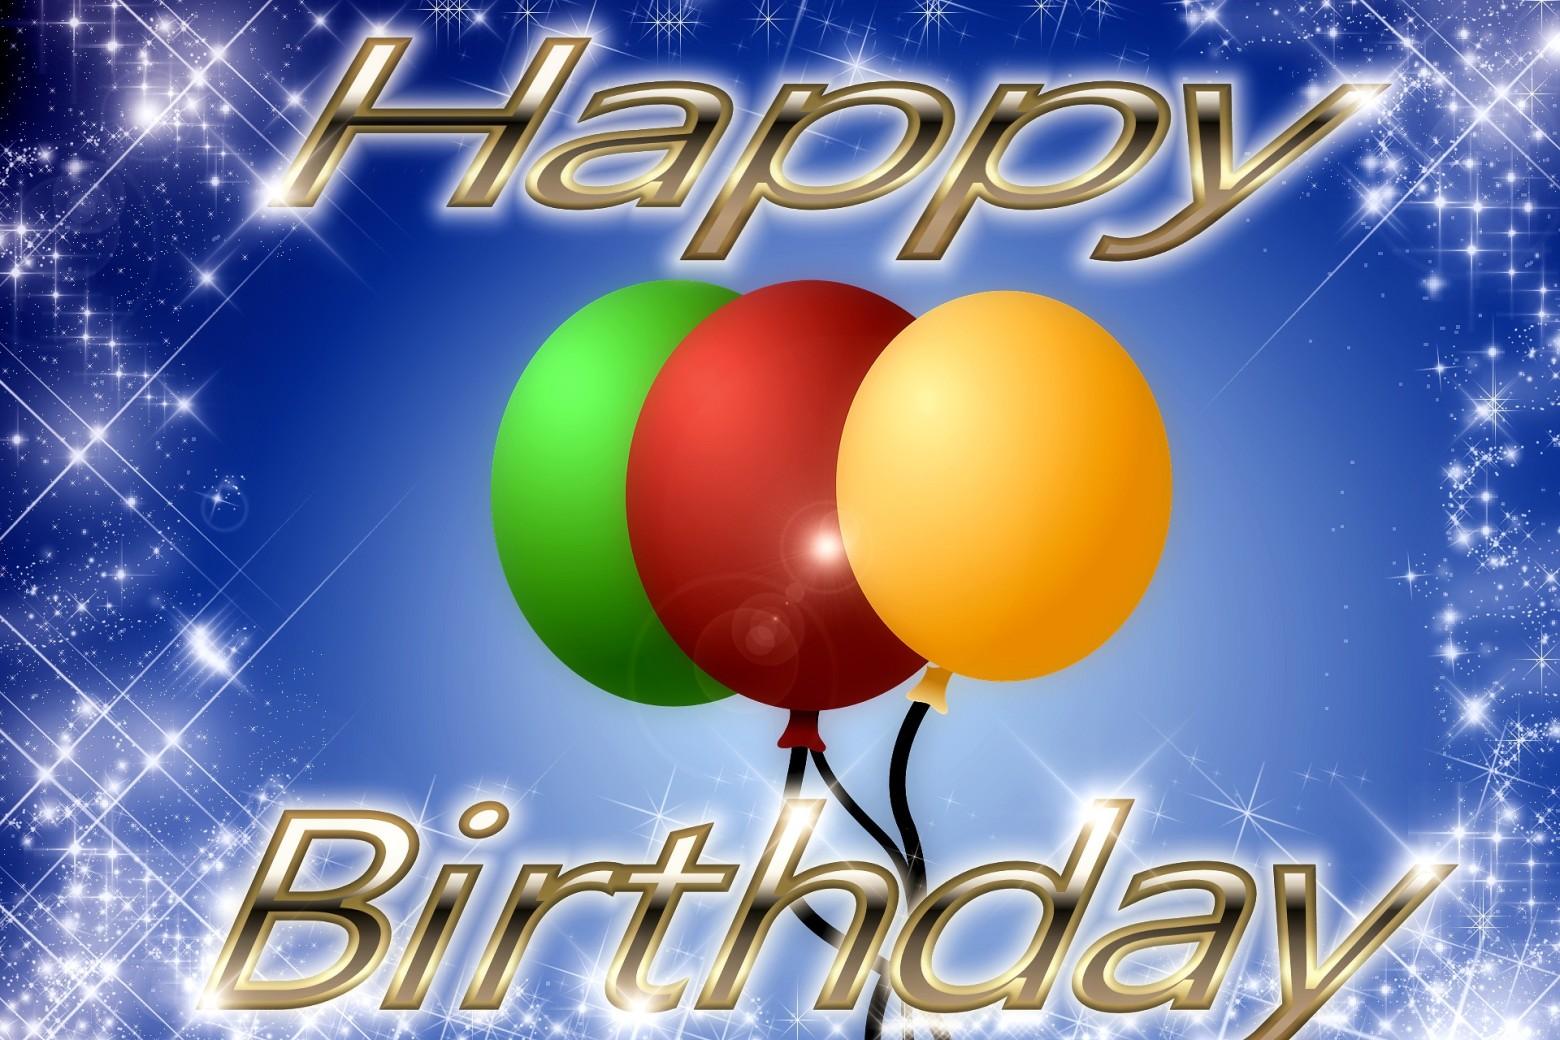 joyeux anniversaire happy birthday carte de voeux gratuites